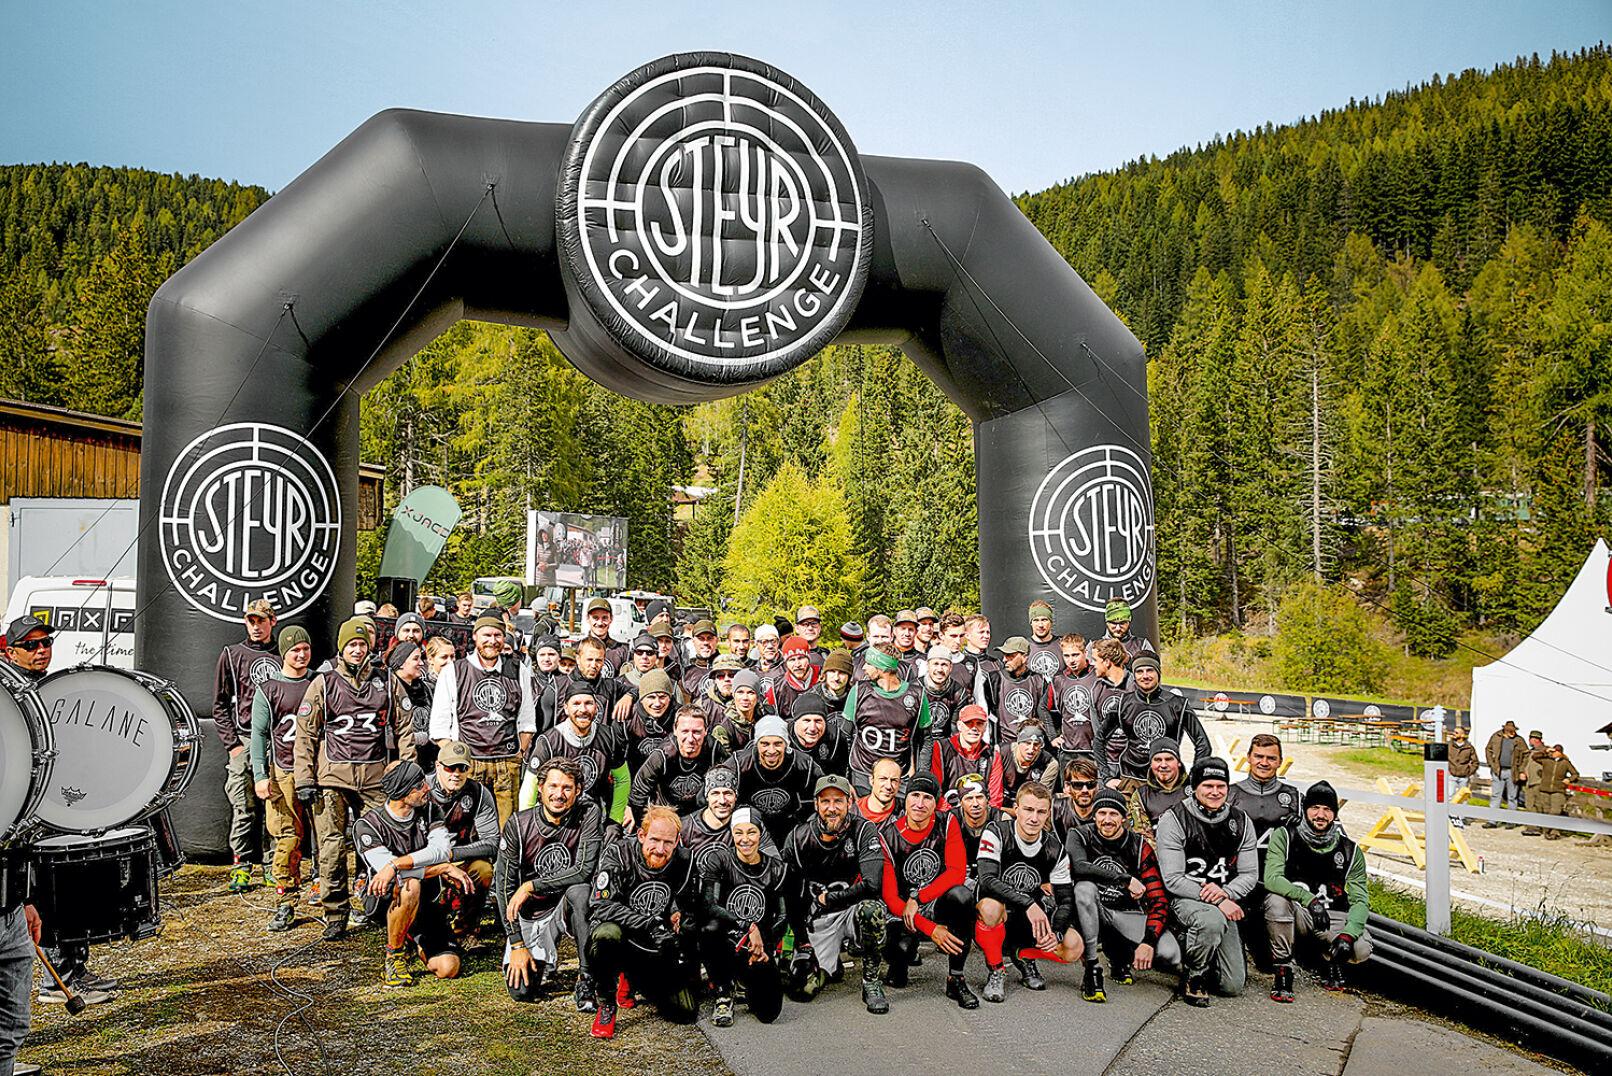 Gruppenfoto aller Teilnehmer der Steyr Challenge 2019. - © Peter Rigaud